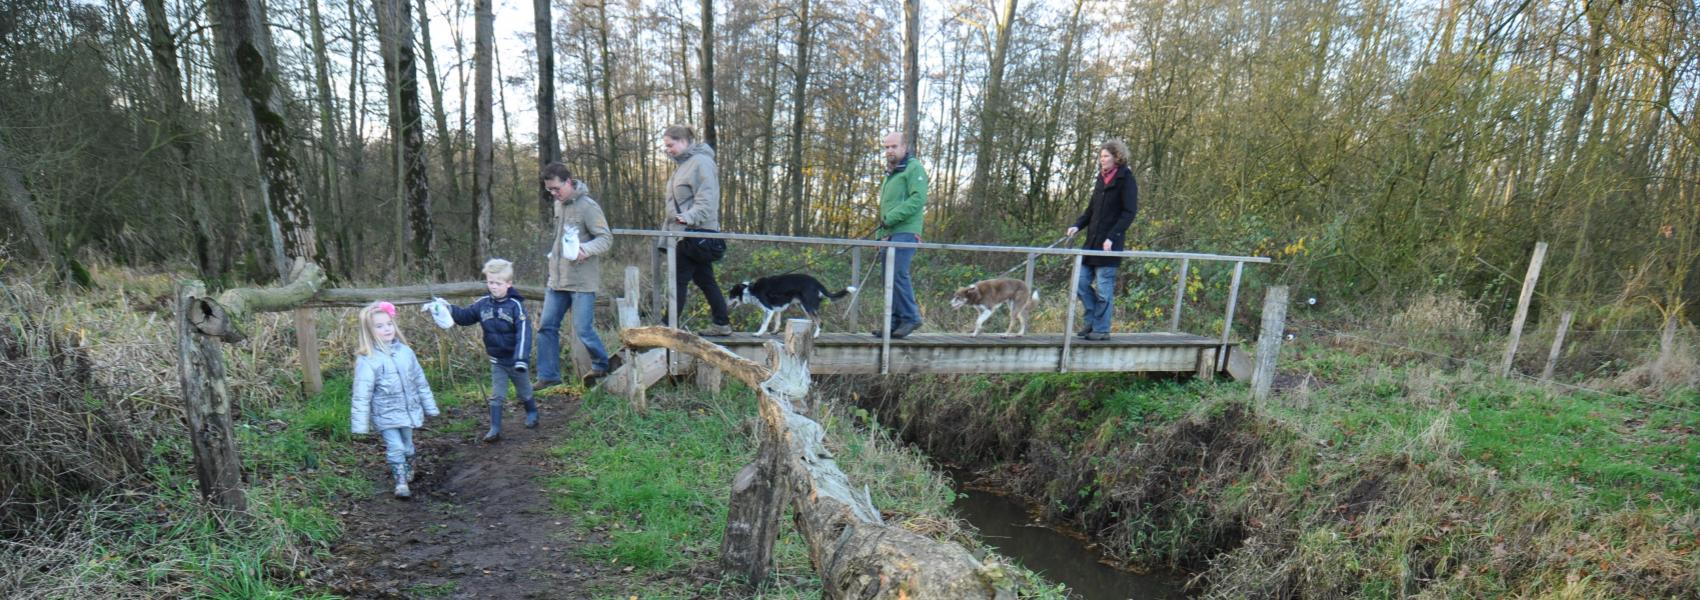 Wandelaars in Elsakker